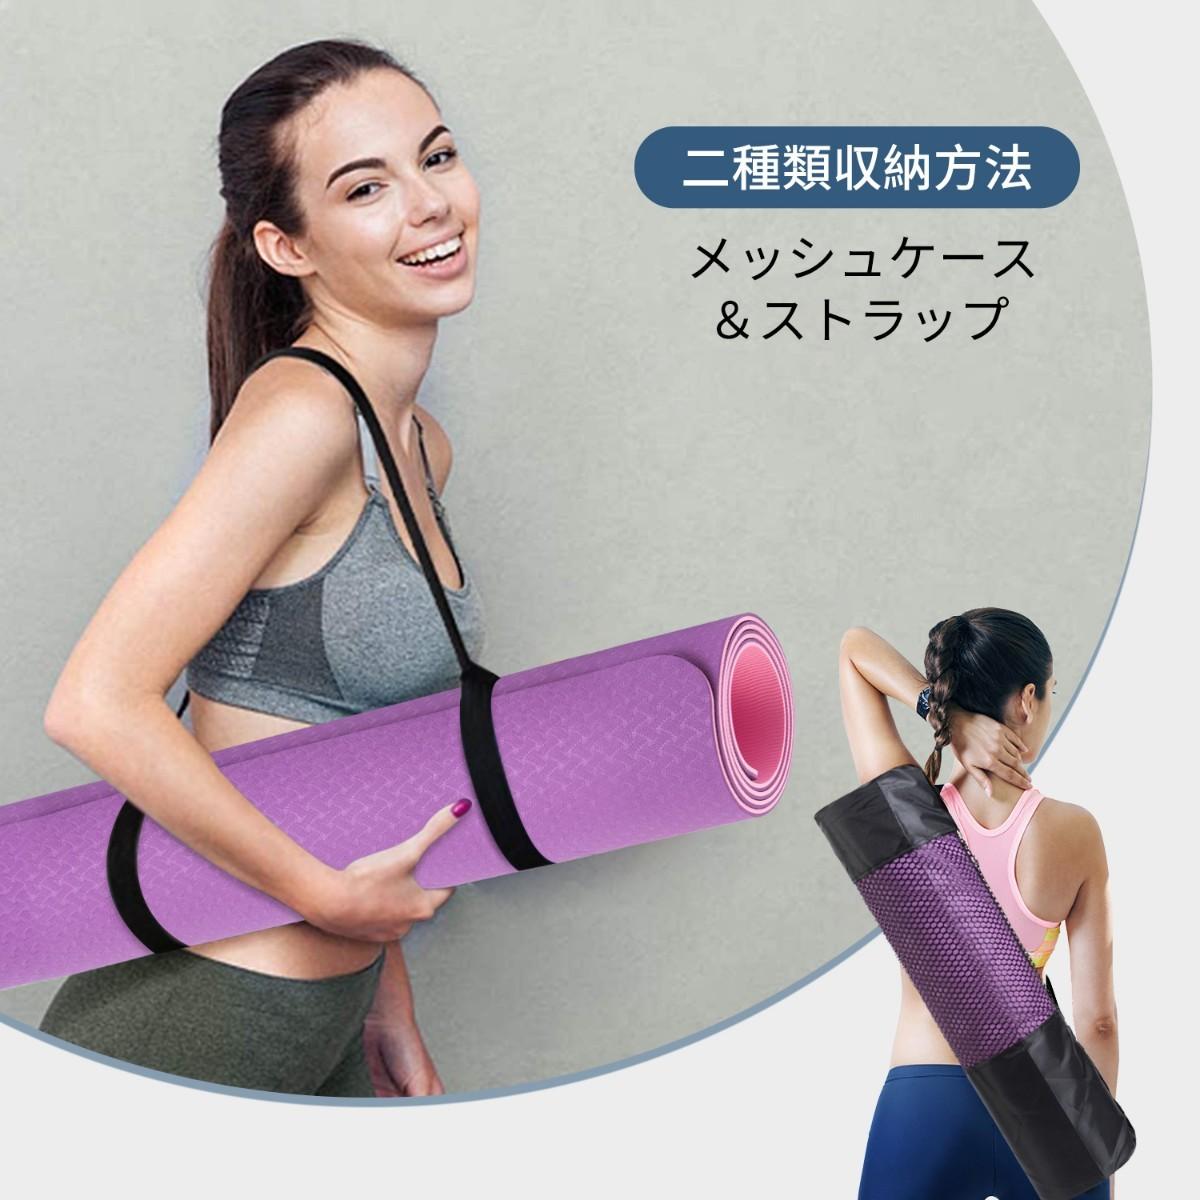 ヨガマット トレーニングマット コンパクト パープル 軽量 収納バッグ